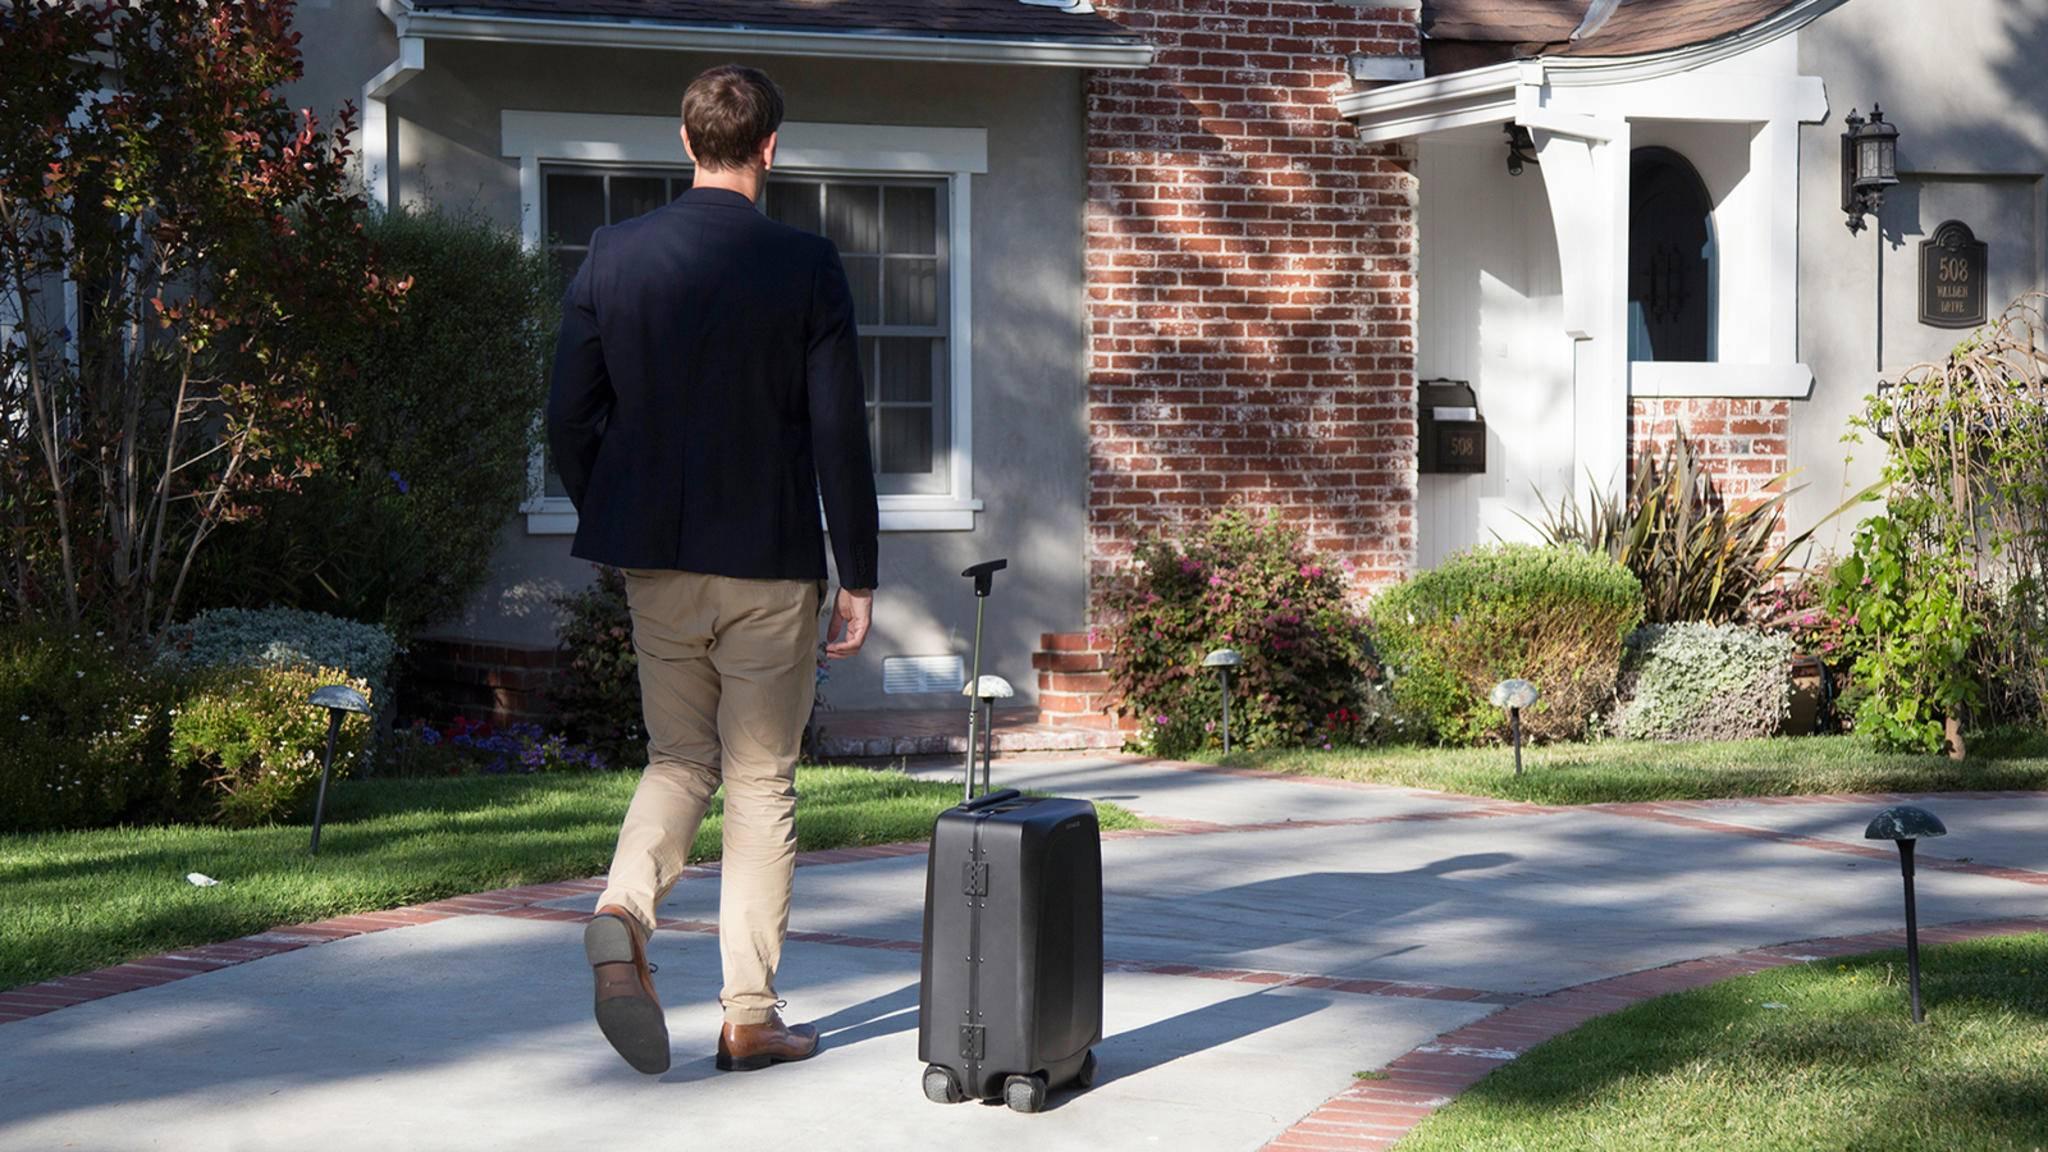 Smarte Koffer wie Ovis folgen ihren Besitzern zum Teil sogar eigenständig auf dem Fuße.